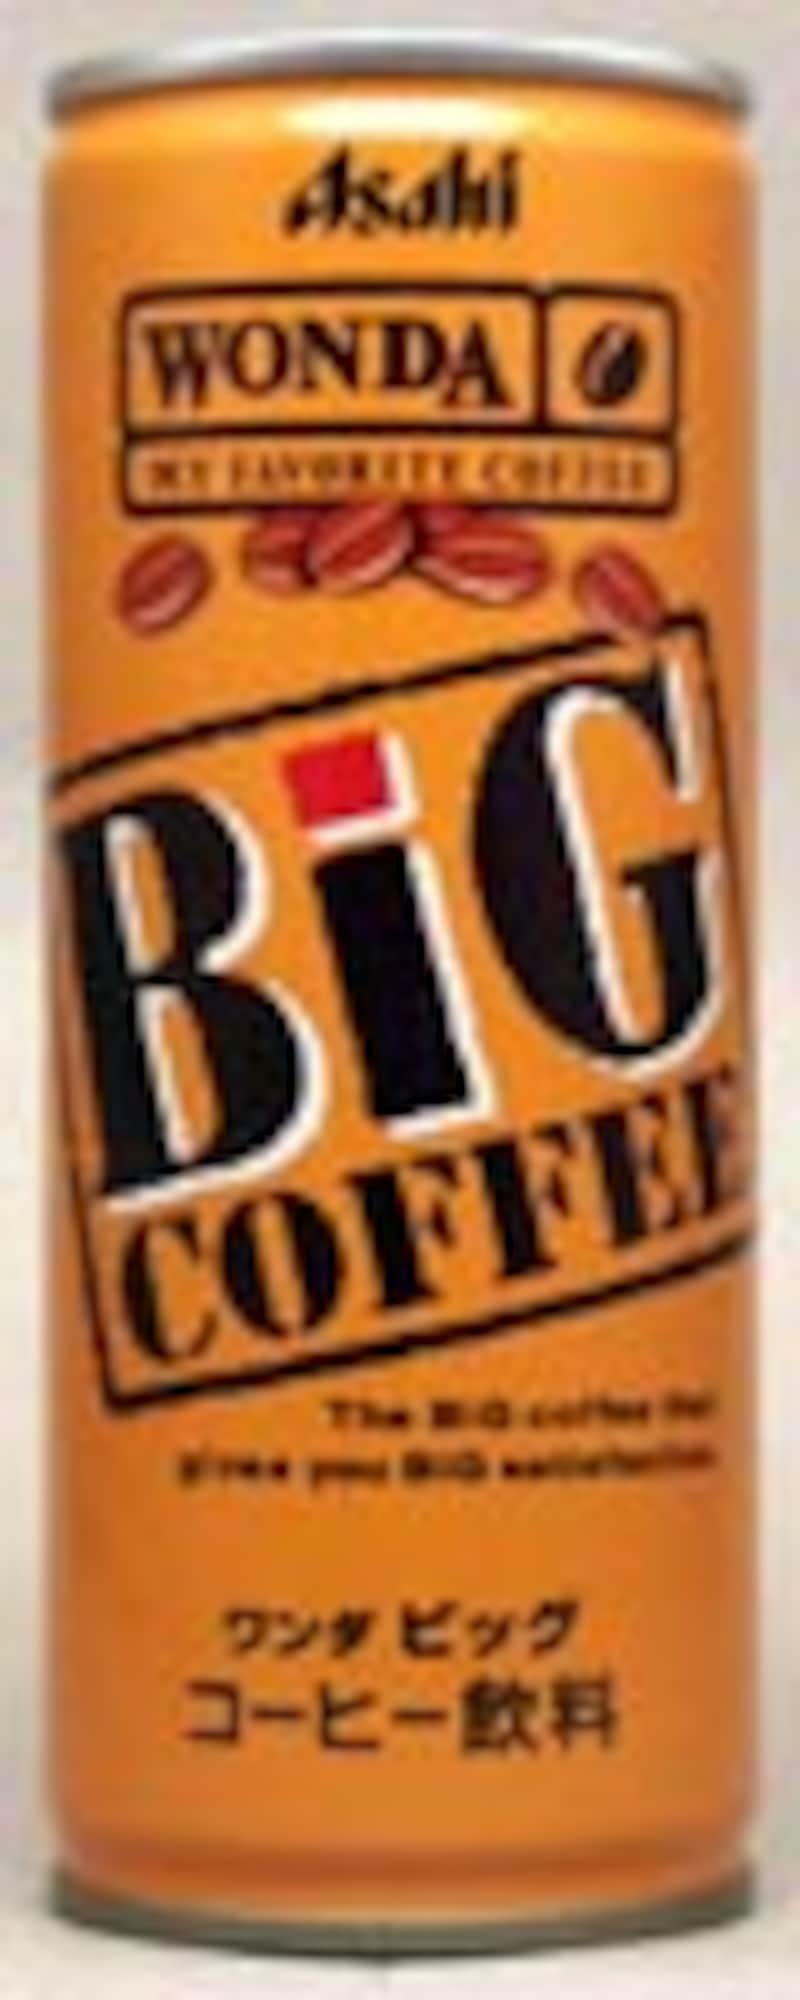 アサヒ ワンダビッグコーヒー